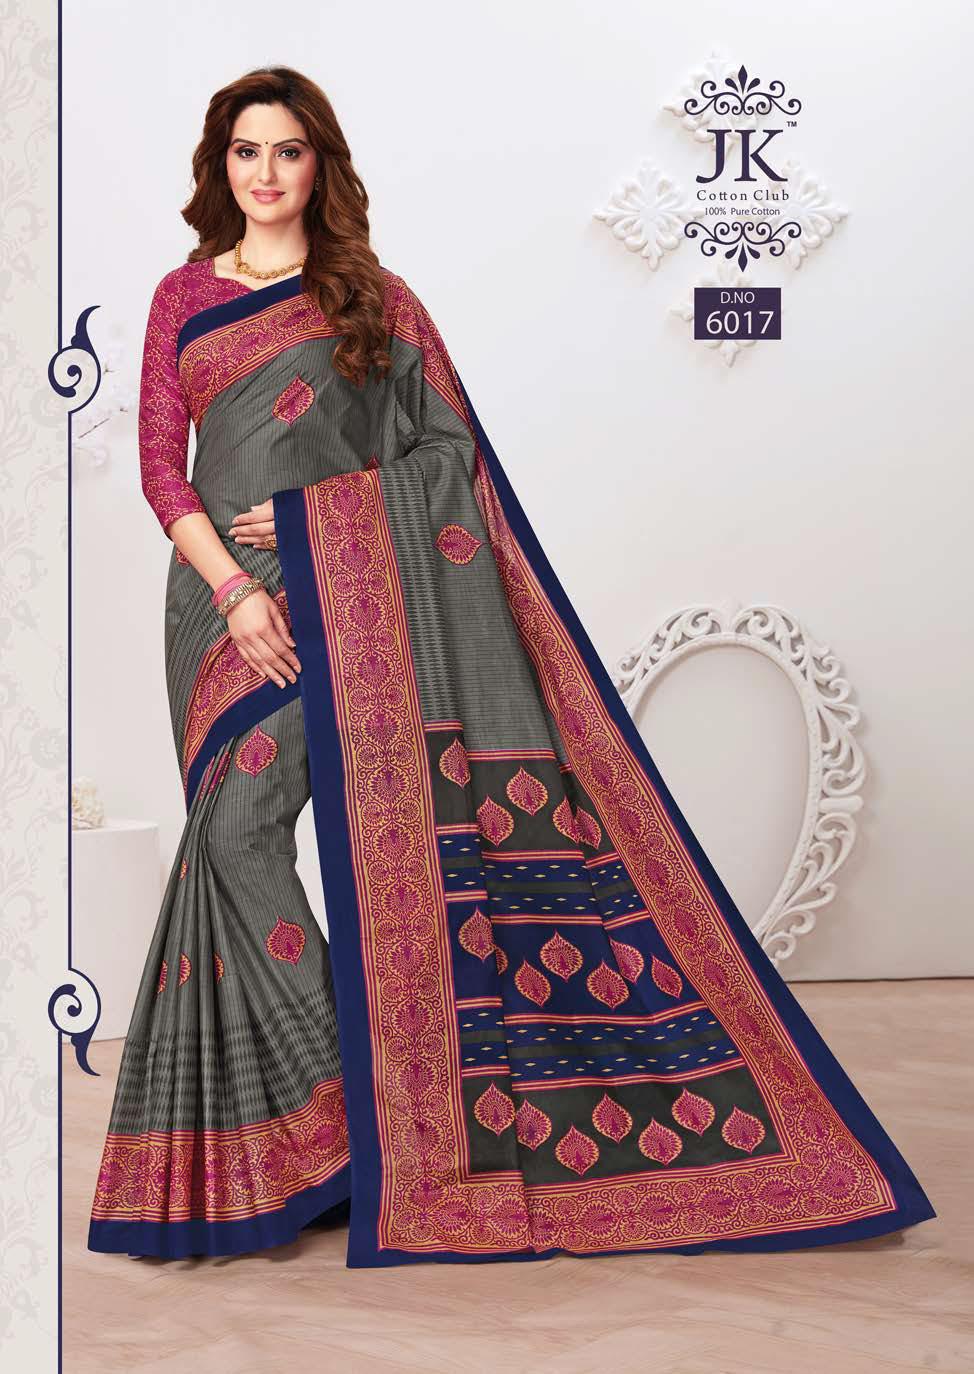 JK Tulsi Vol 6 A Saree Sari Wholesale Catalog 10 Pcs 9 - JK Tulsi Vol 6 A Saree Sari Wholesale Catalog 10 Pcs